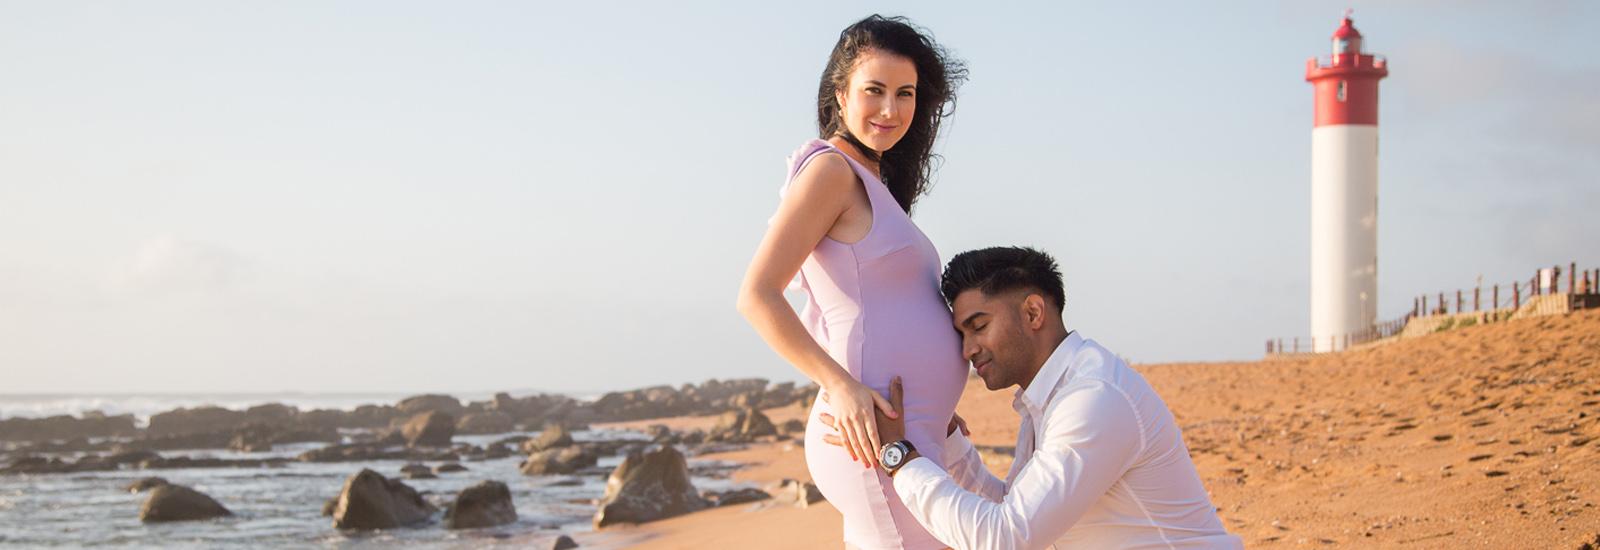 Sunrise Maternity Photoshoot at Umhlanga Beach